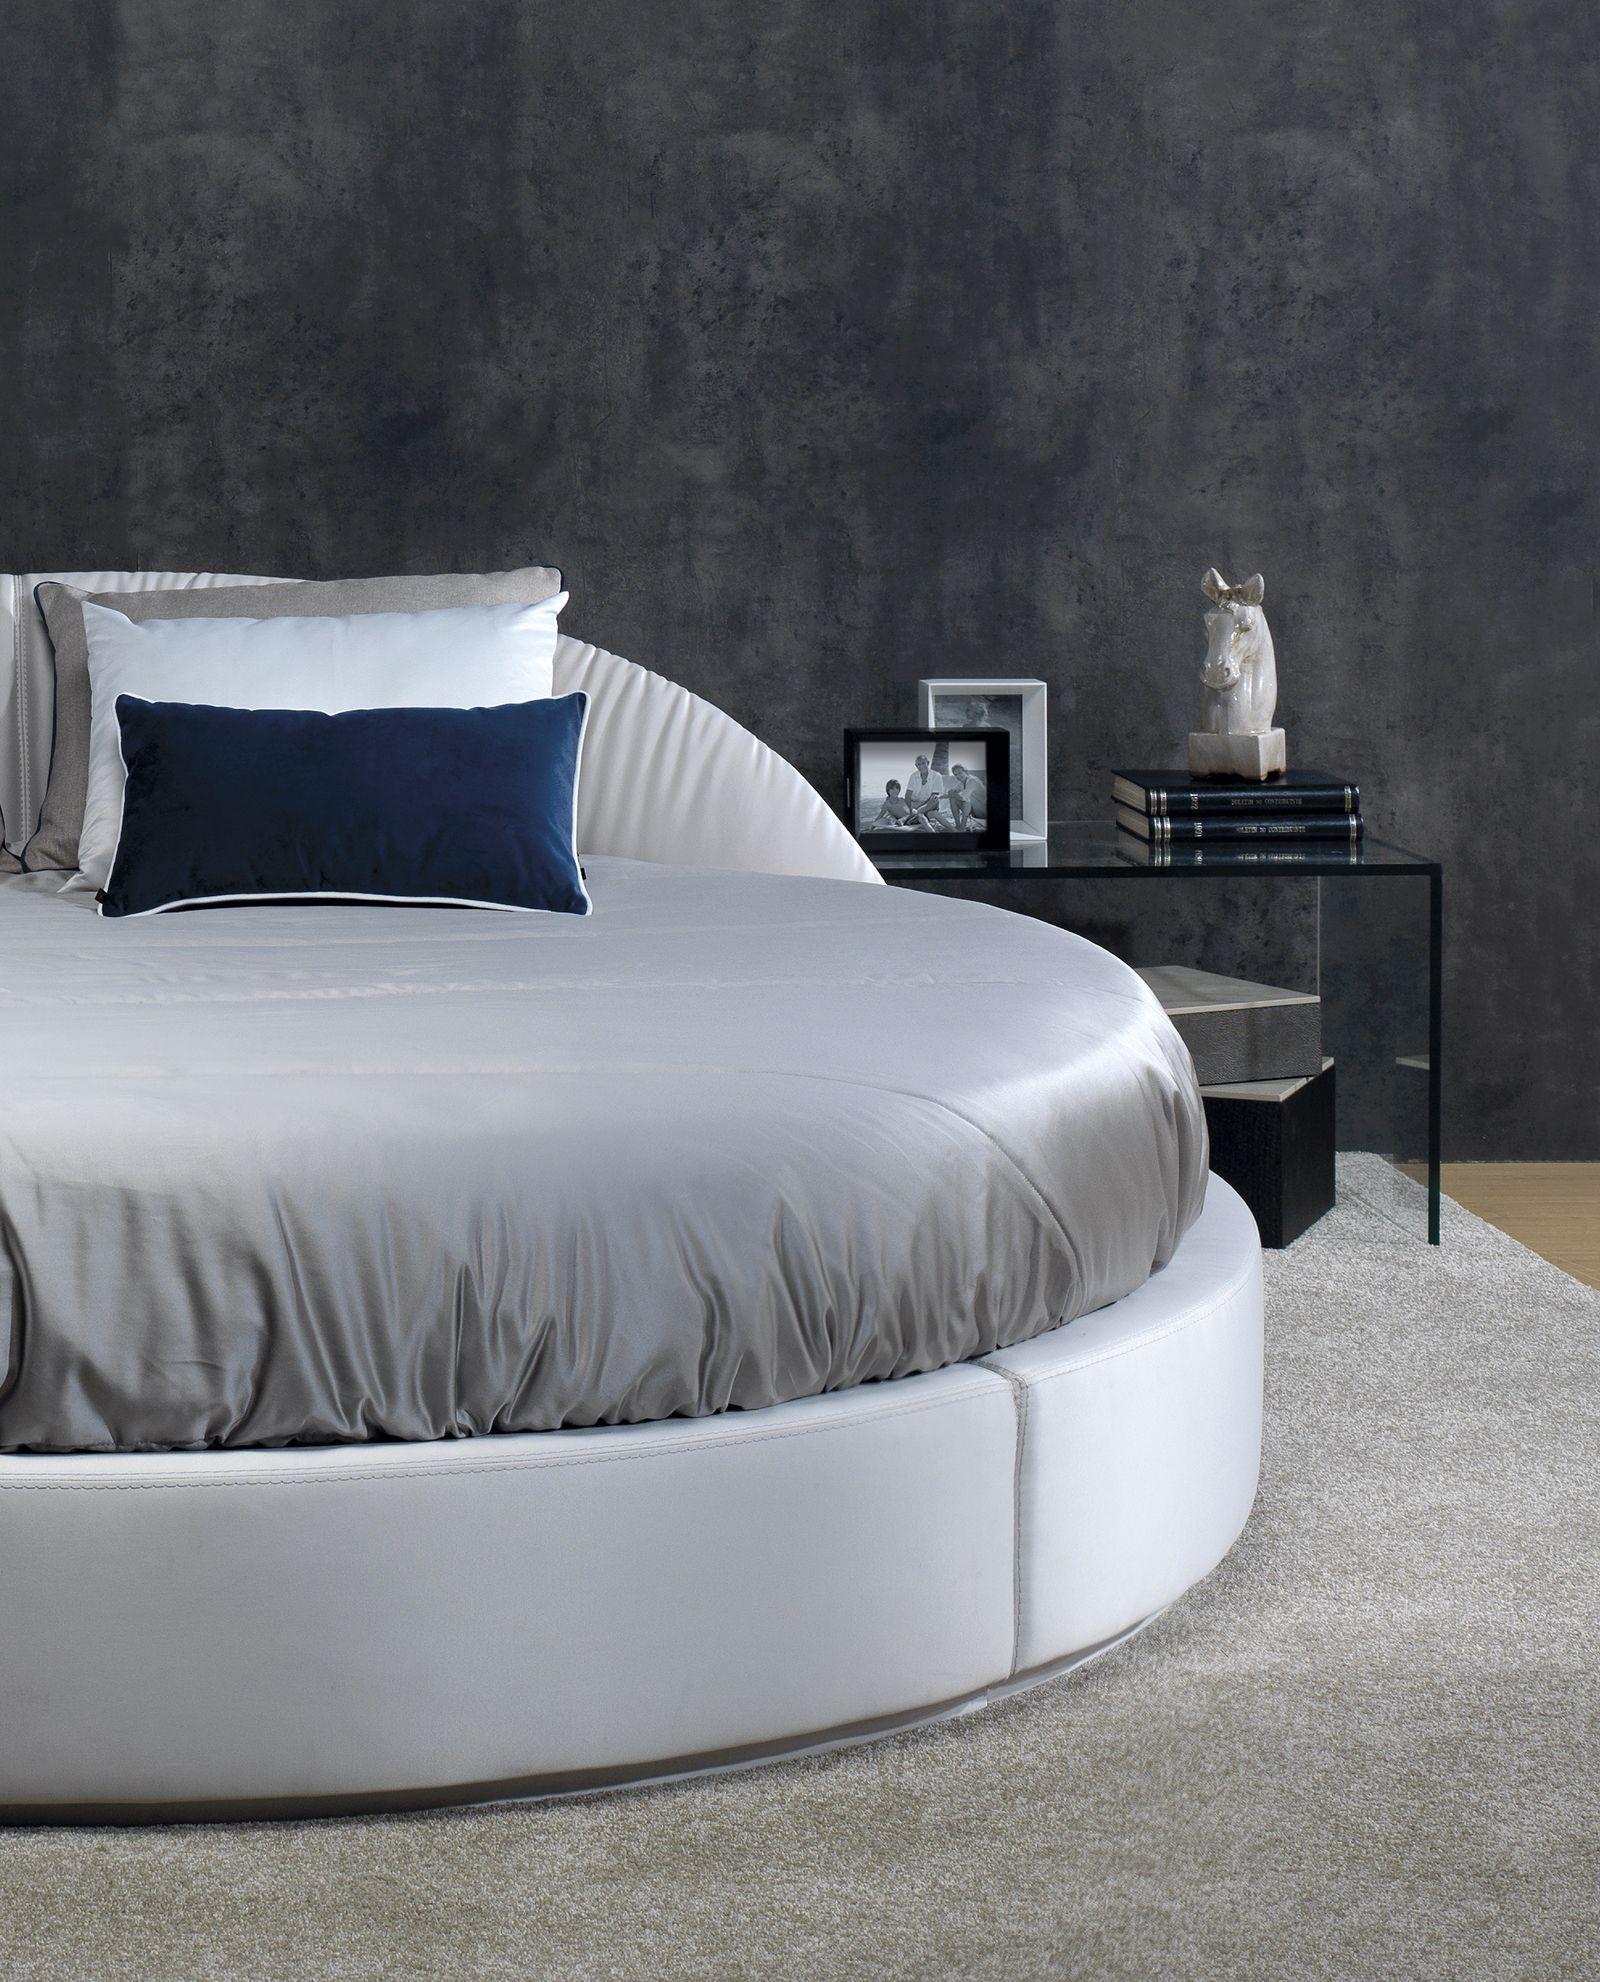 Cama Redonda En Tela Piel Lujo Elegancia Dormitorios  # Muebles Zb Zaragoza